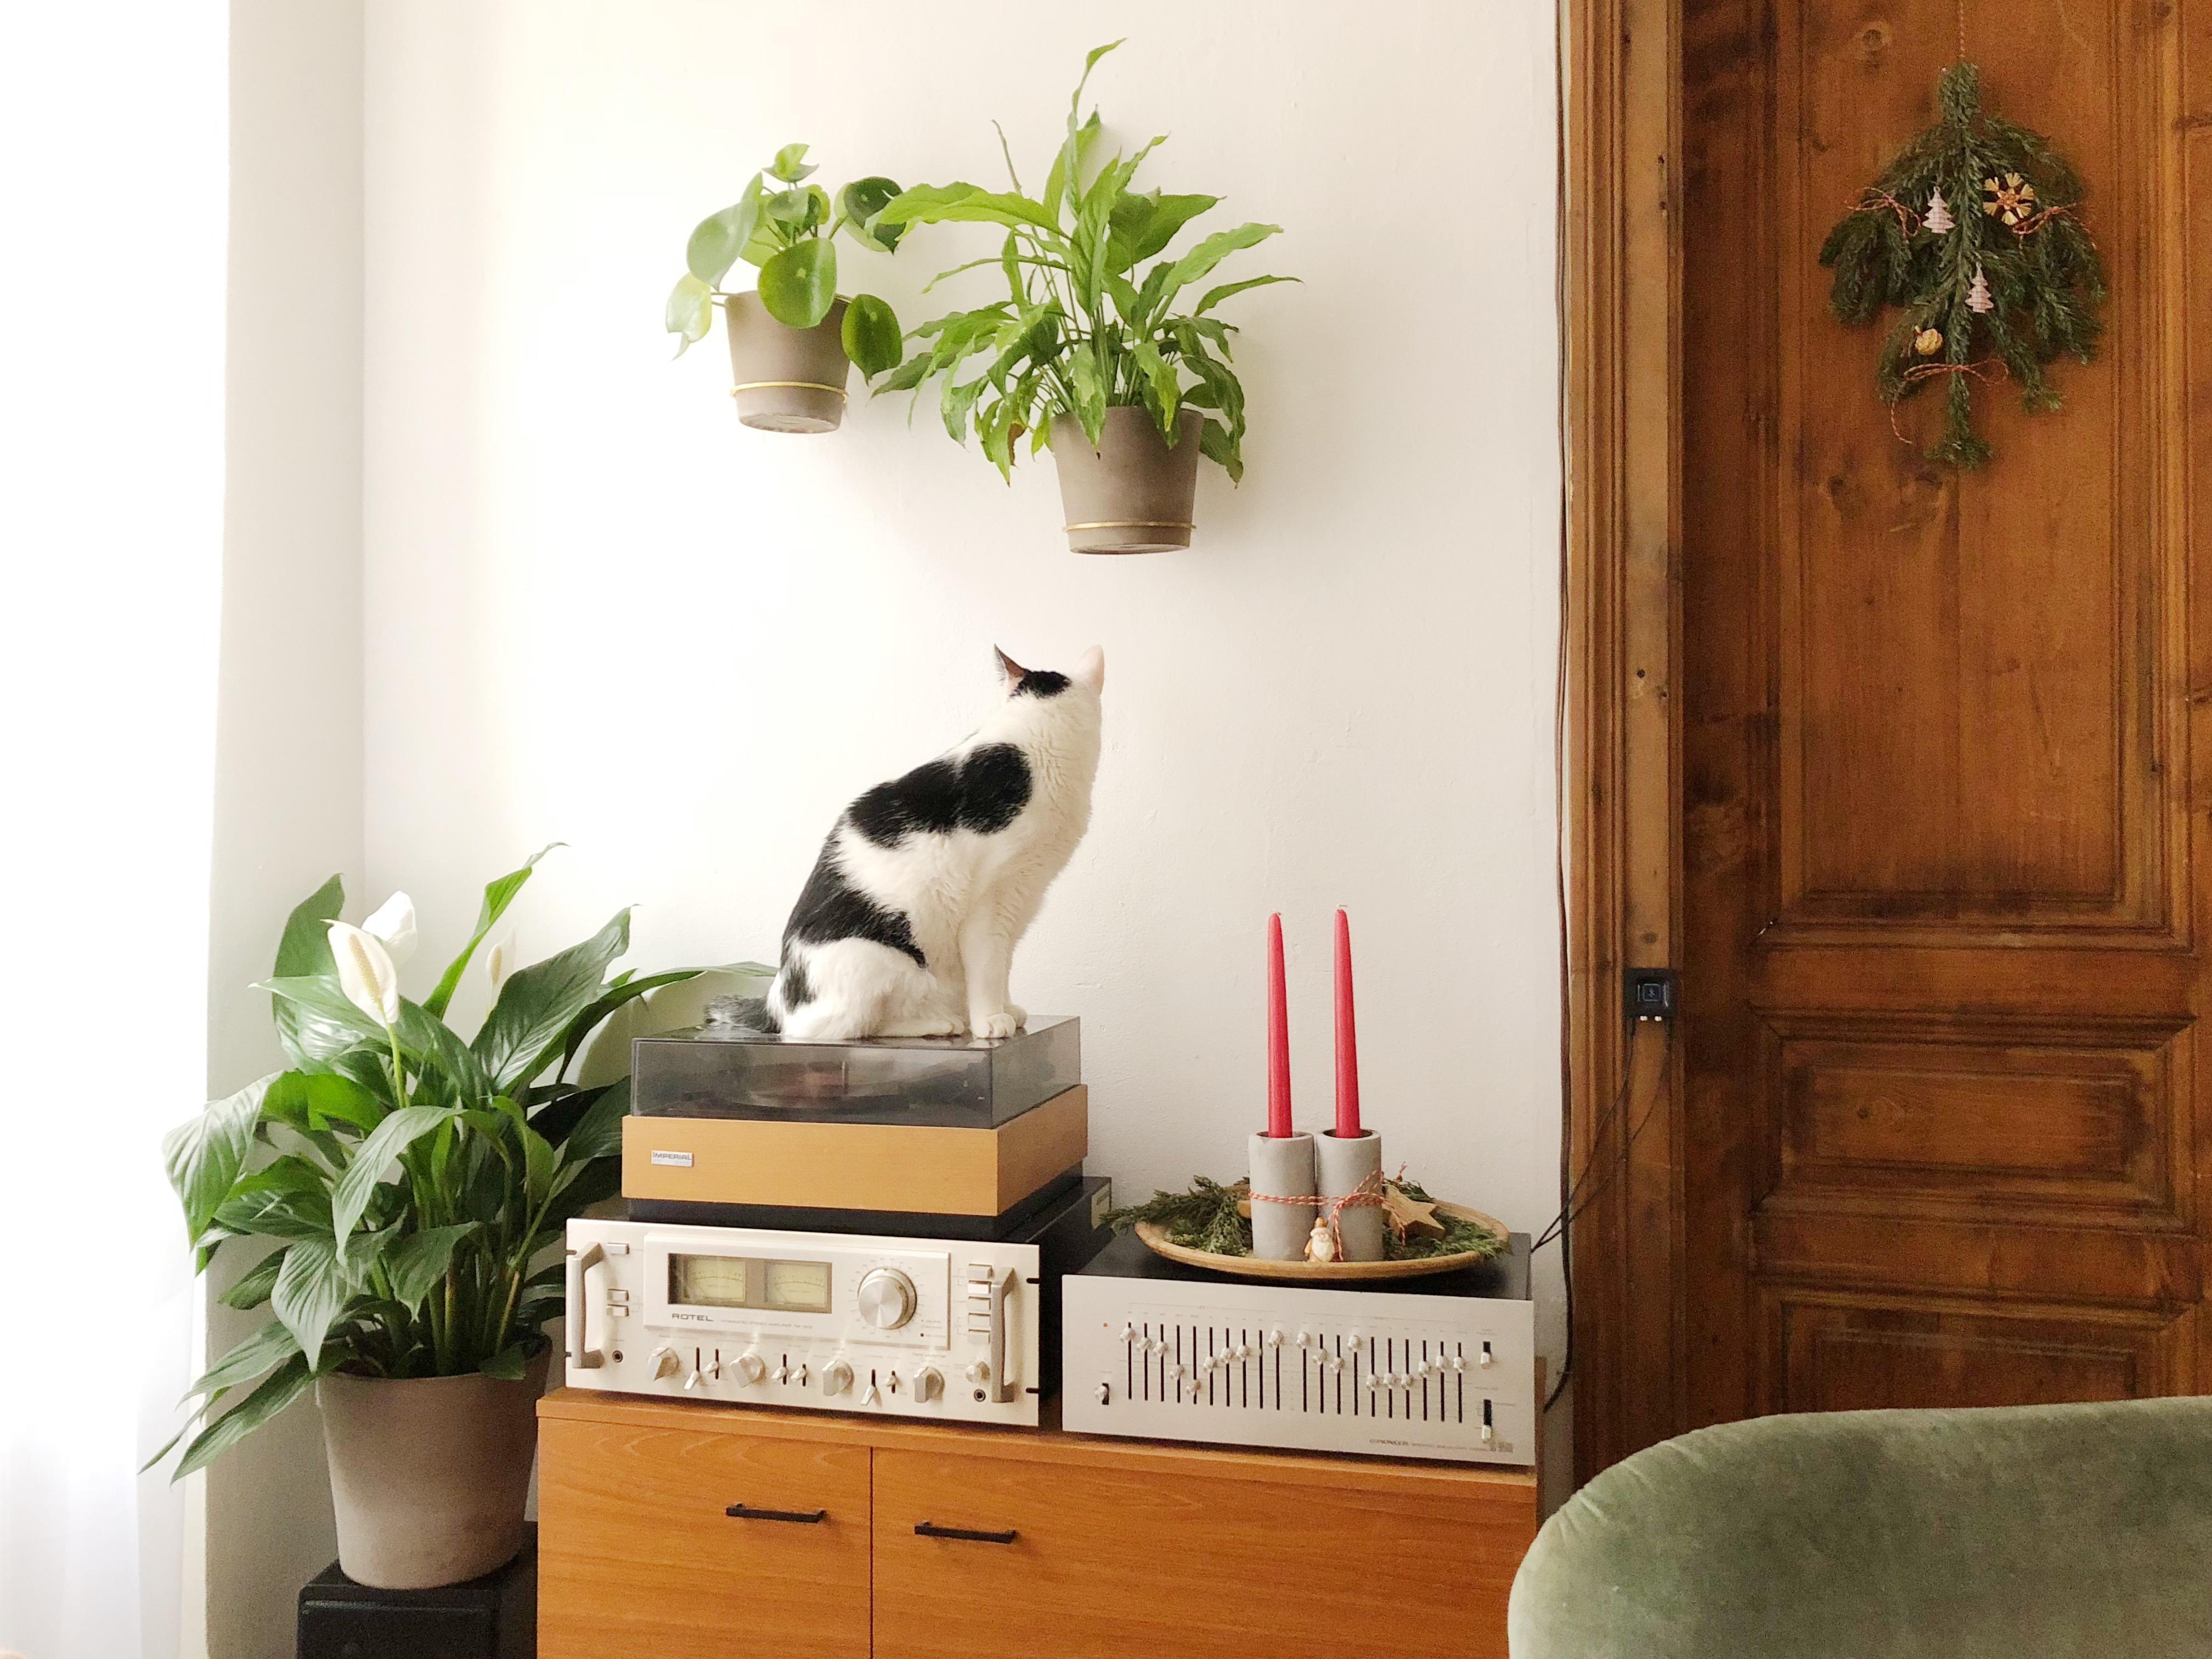 Wandhalterung bilder ideen couch for Wandhalterung pflanzen